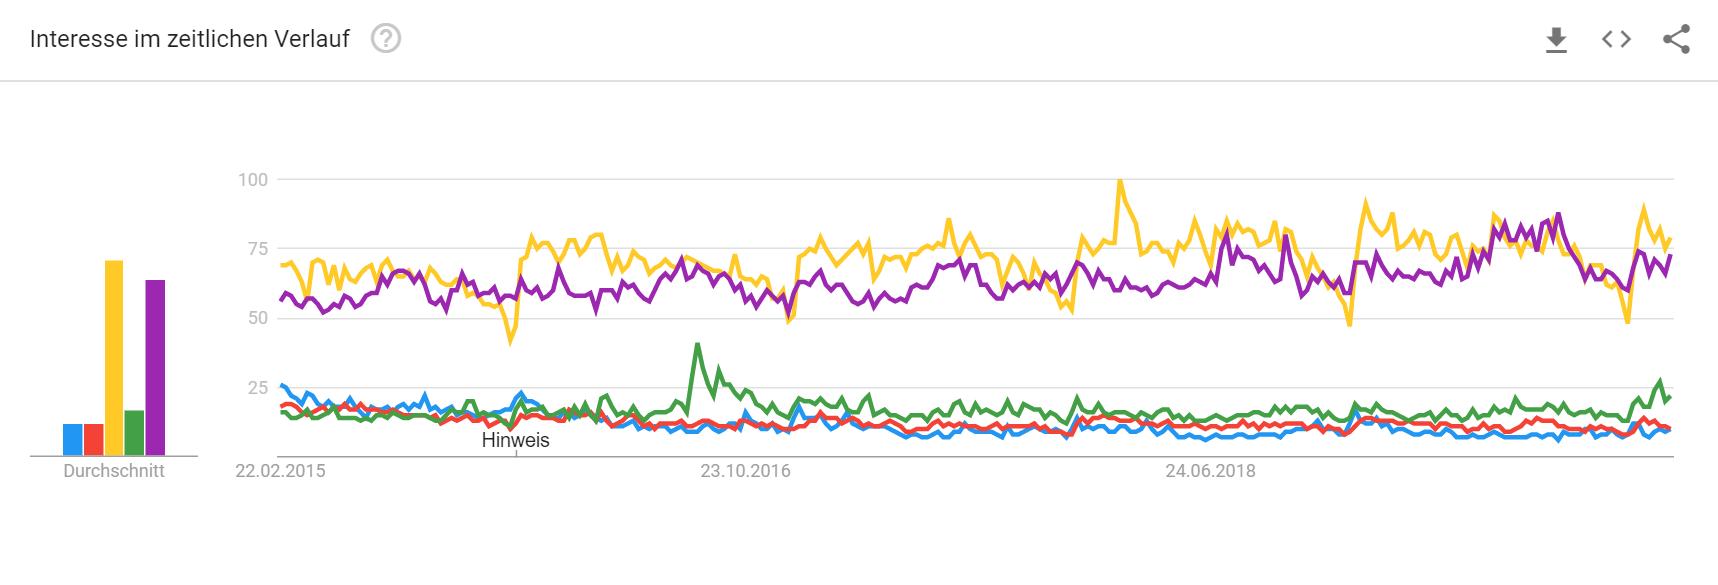 Interesse im Zeitlichen Verlauf von Google Trends von Produkten der Finanzbranche